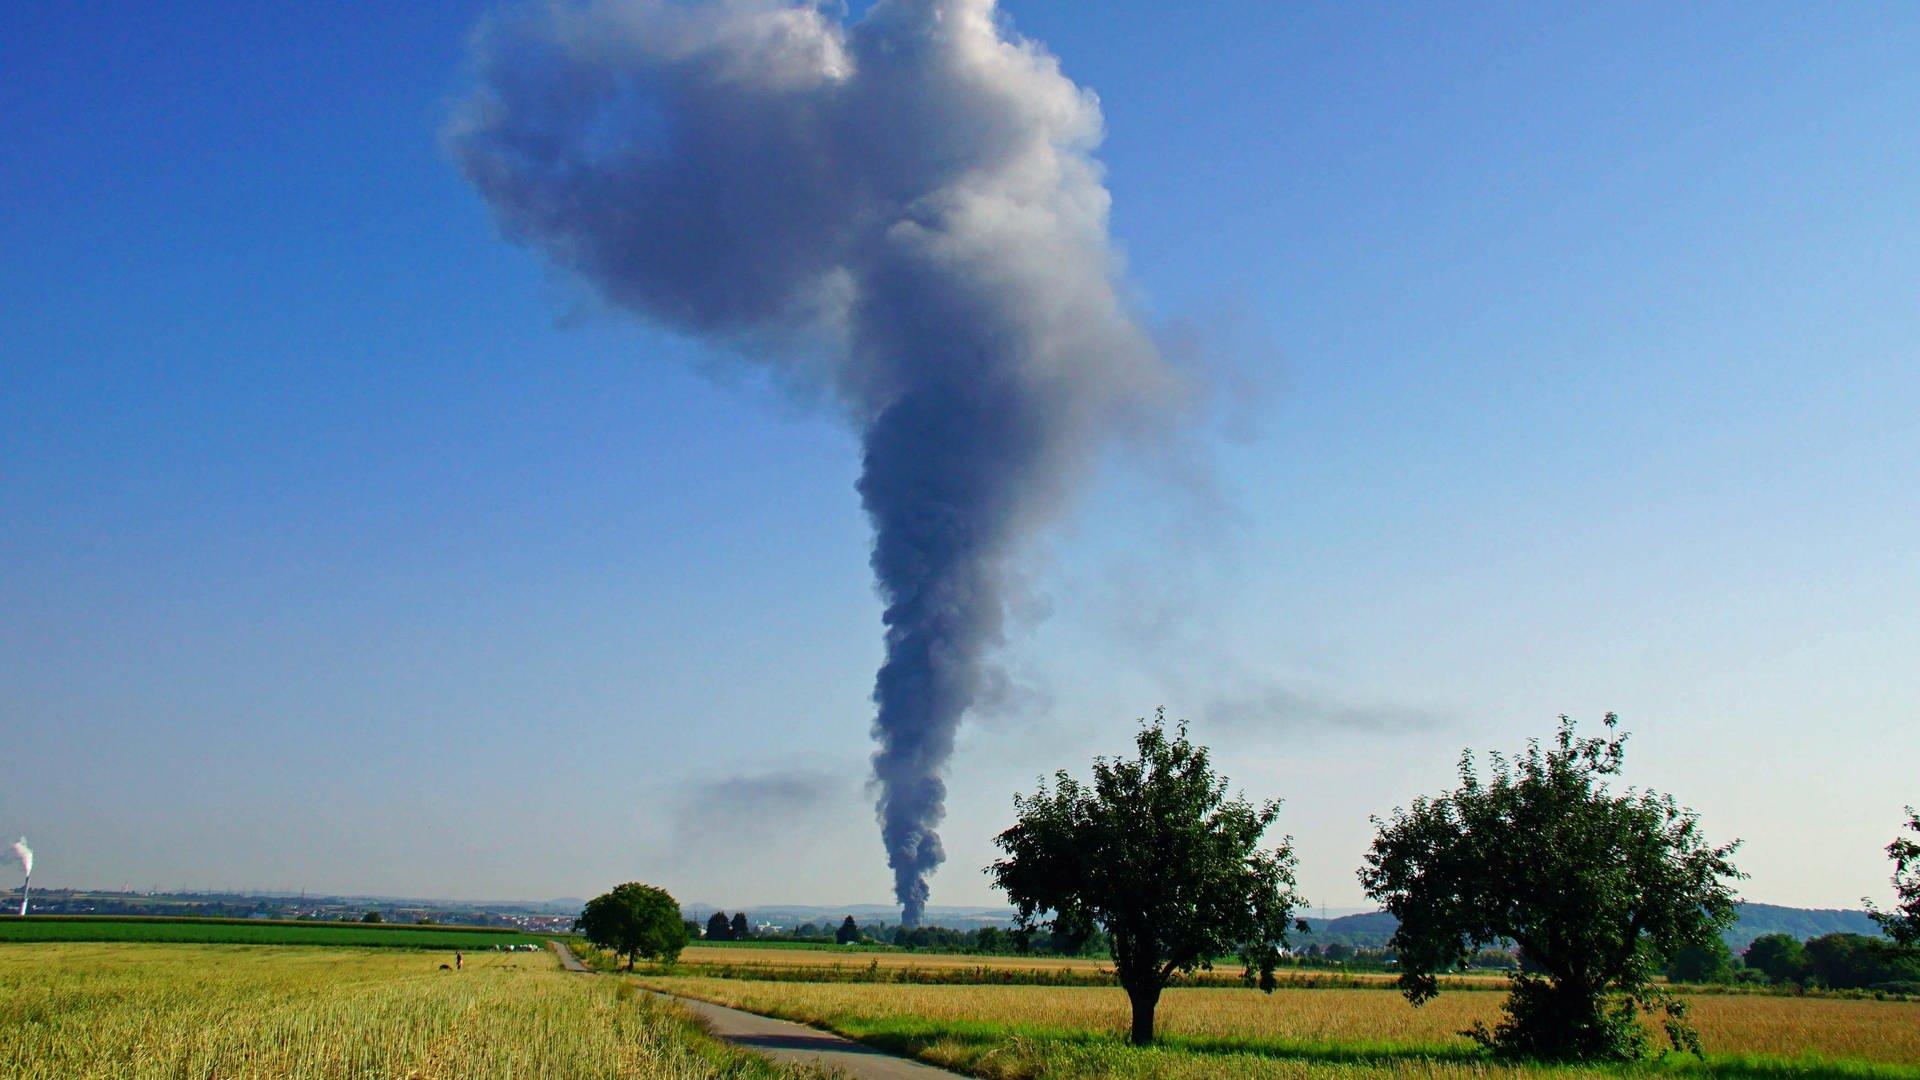 Eine riesige schwarze Rauchwolke ist von einer Wiese aus zu sehen.